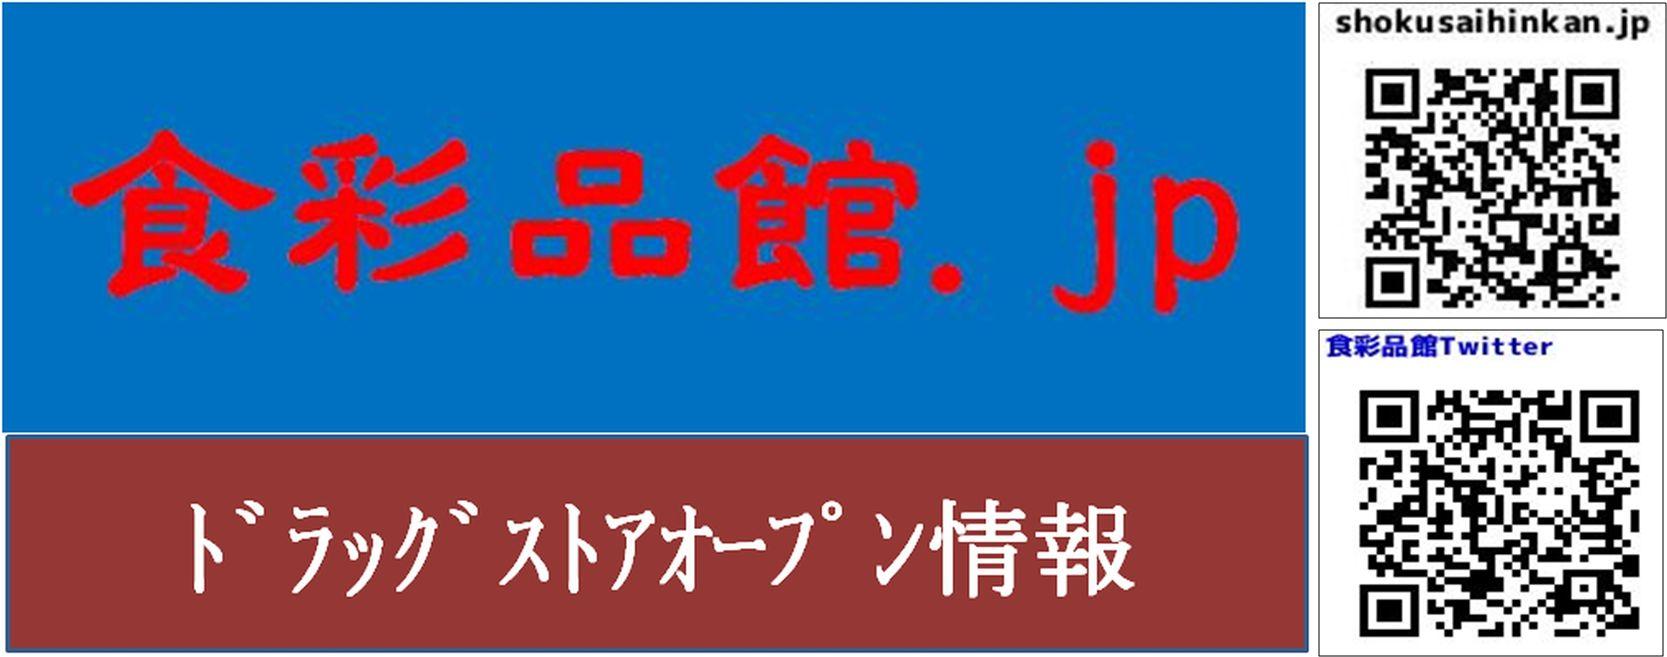 ダイレックス新鴨島店(徳島県吉野川市)2021年4月26日オープン予定で大店立地届出